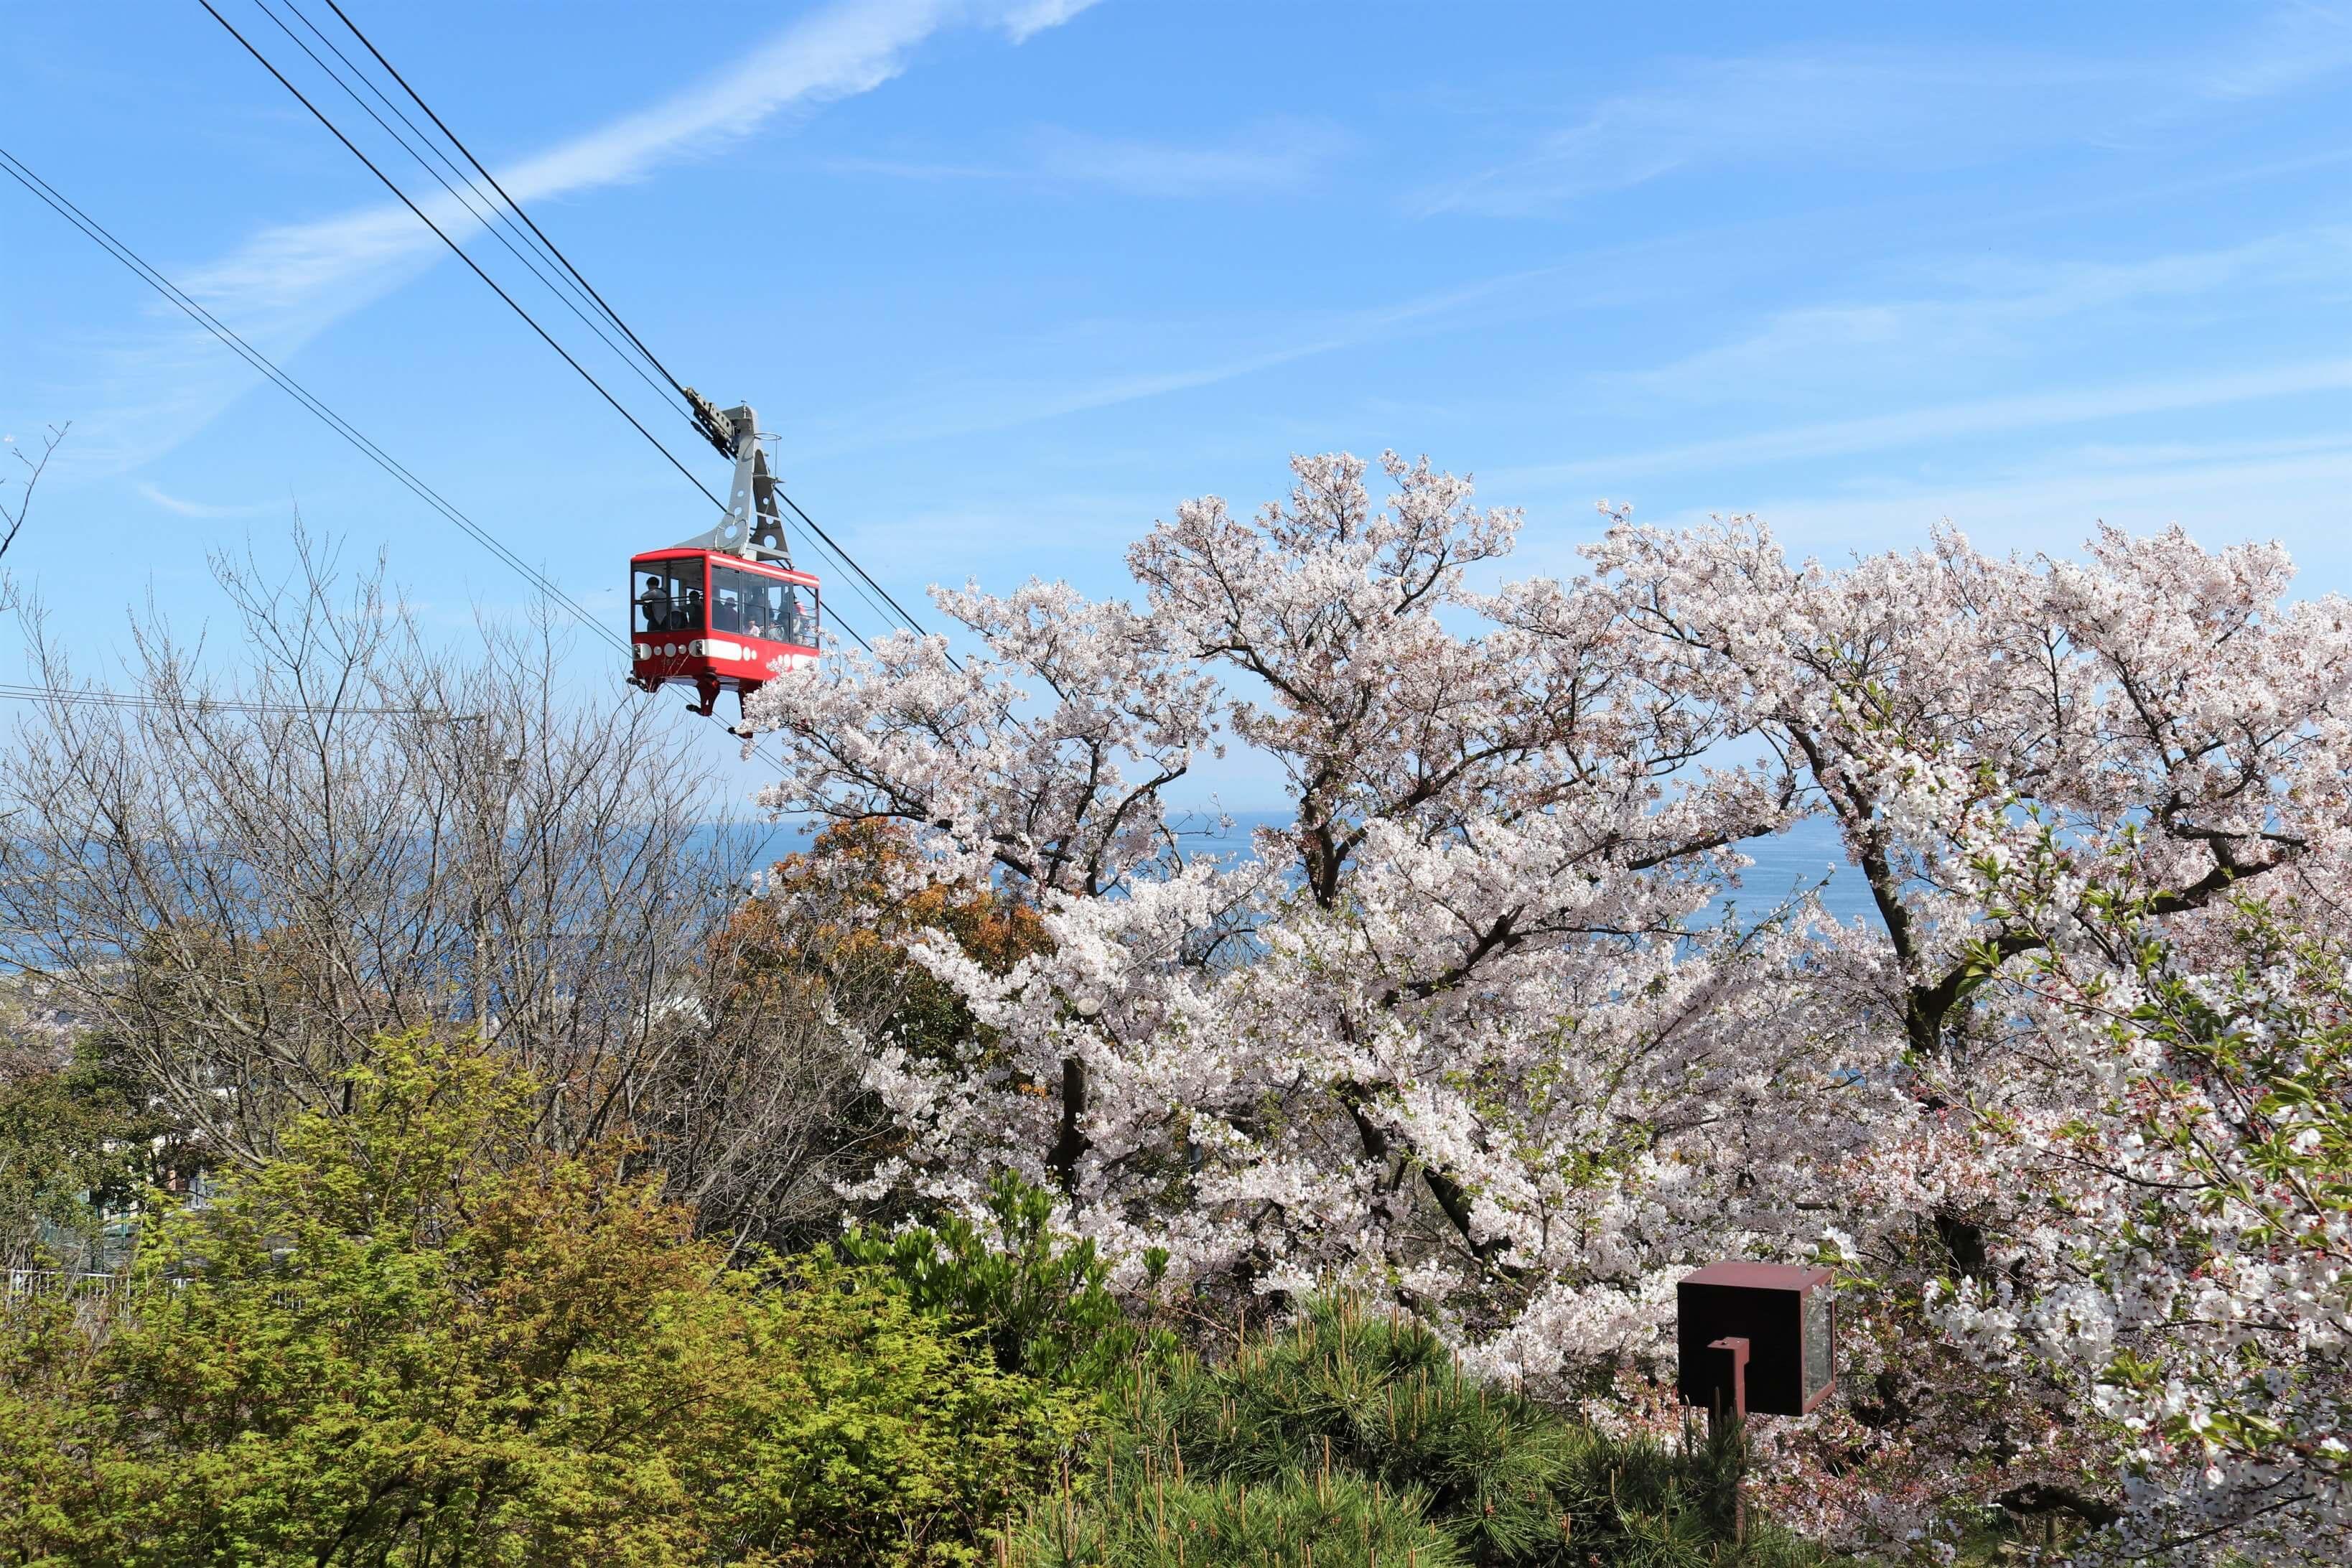 須磨浦公園・須磨浦山上遊園・須磨観光ハウスの様子